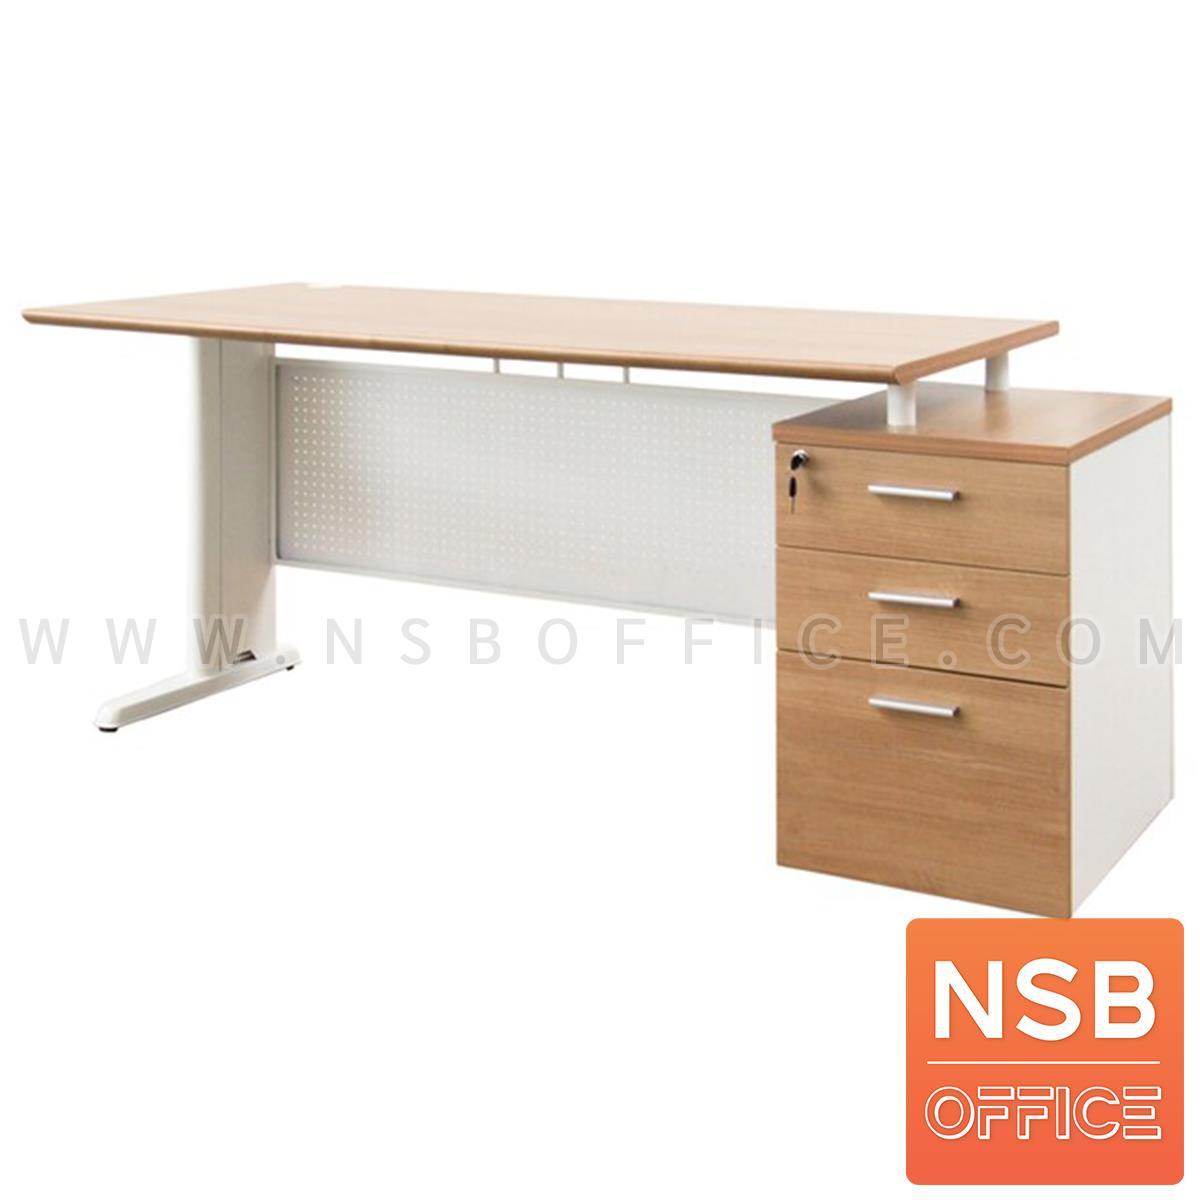 A13A219:โต๊ะทำงาน 3 ลิ้นชักไม้ MDF ปิดผิวลามิเนท รุ่น Jin (จิน)  ขาอลูมิเนียม